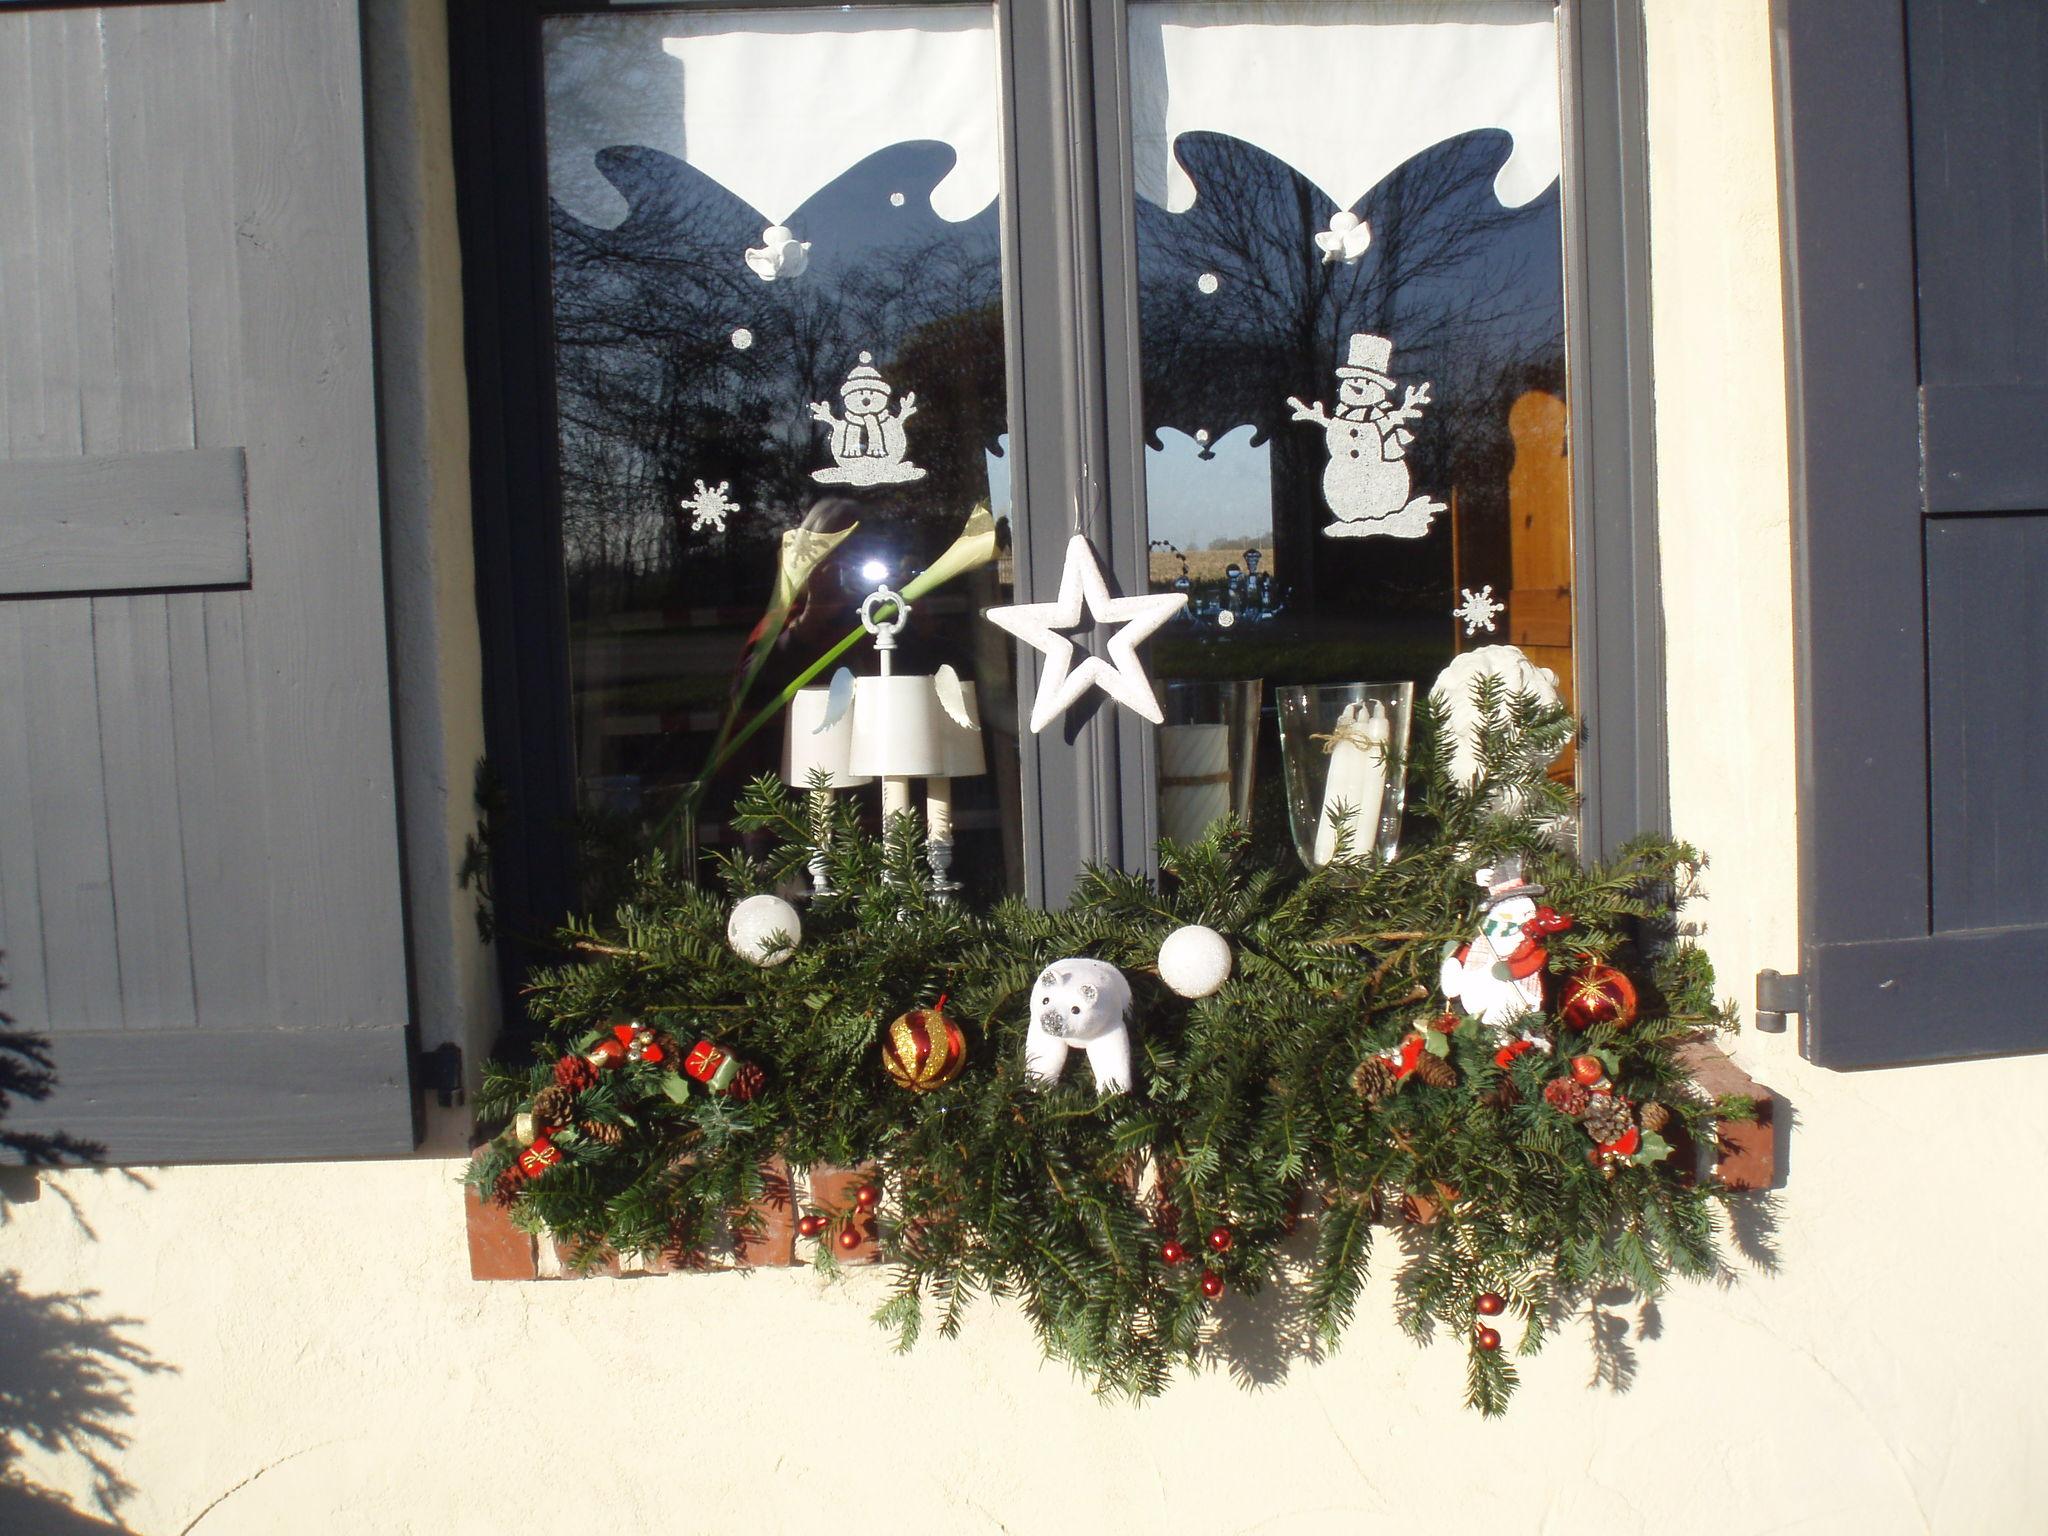 Deco Noel Pour Fenetre Exterieur Noel Decoration